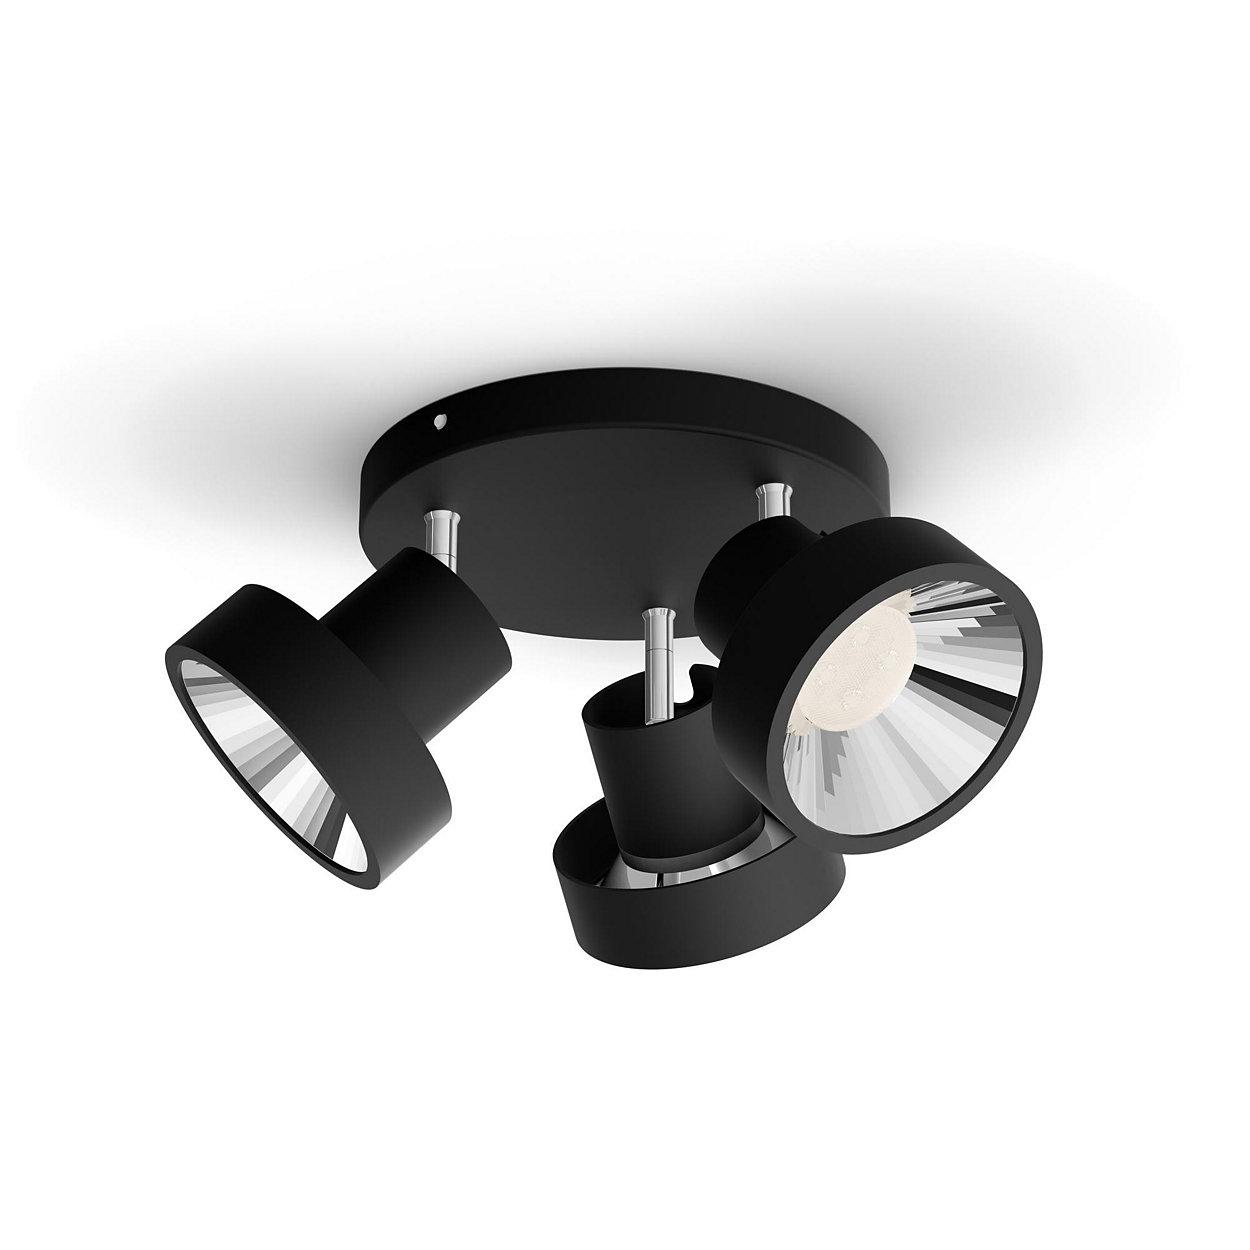 En lampa. Din strömbrytare. Tre ljusinställningar.